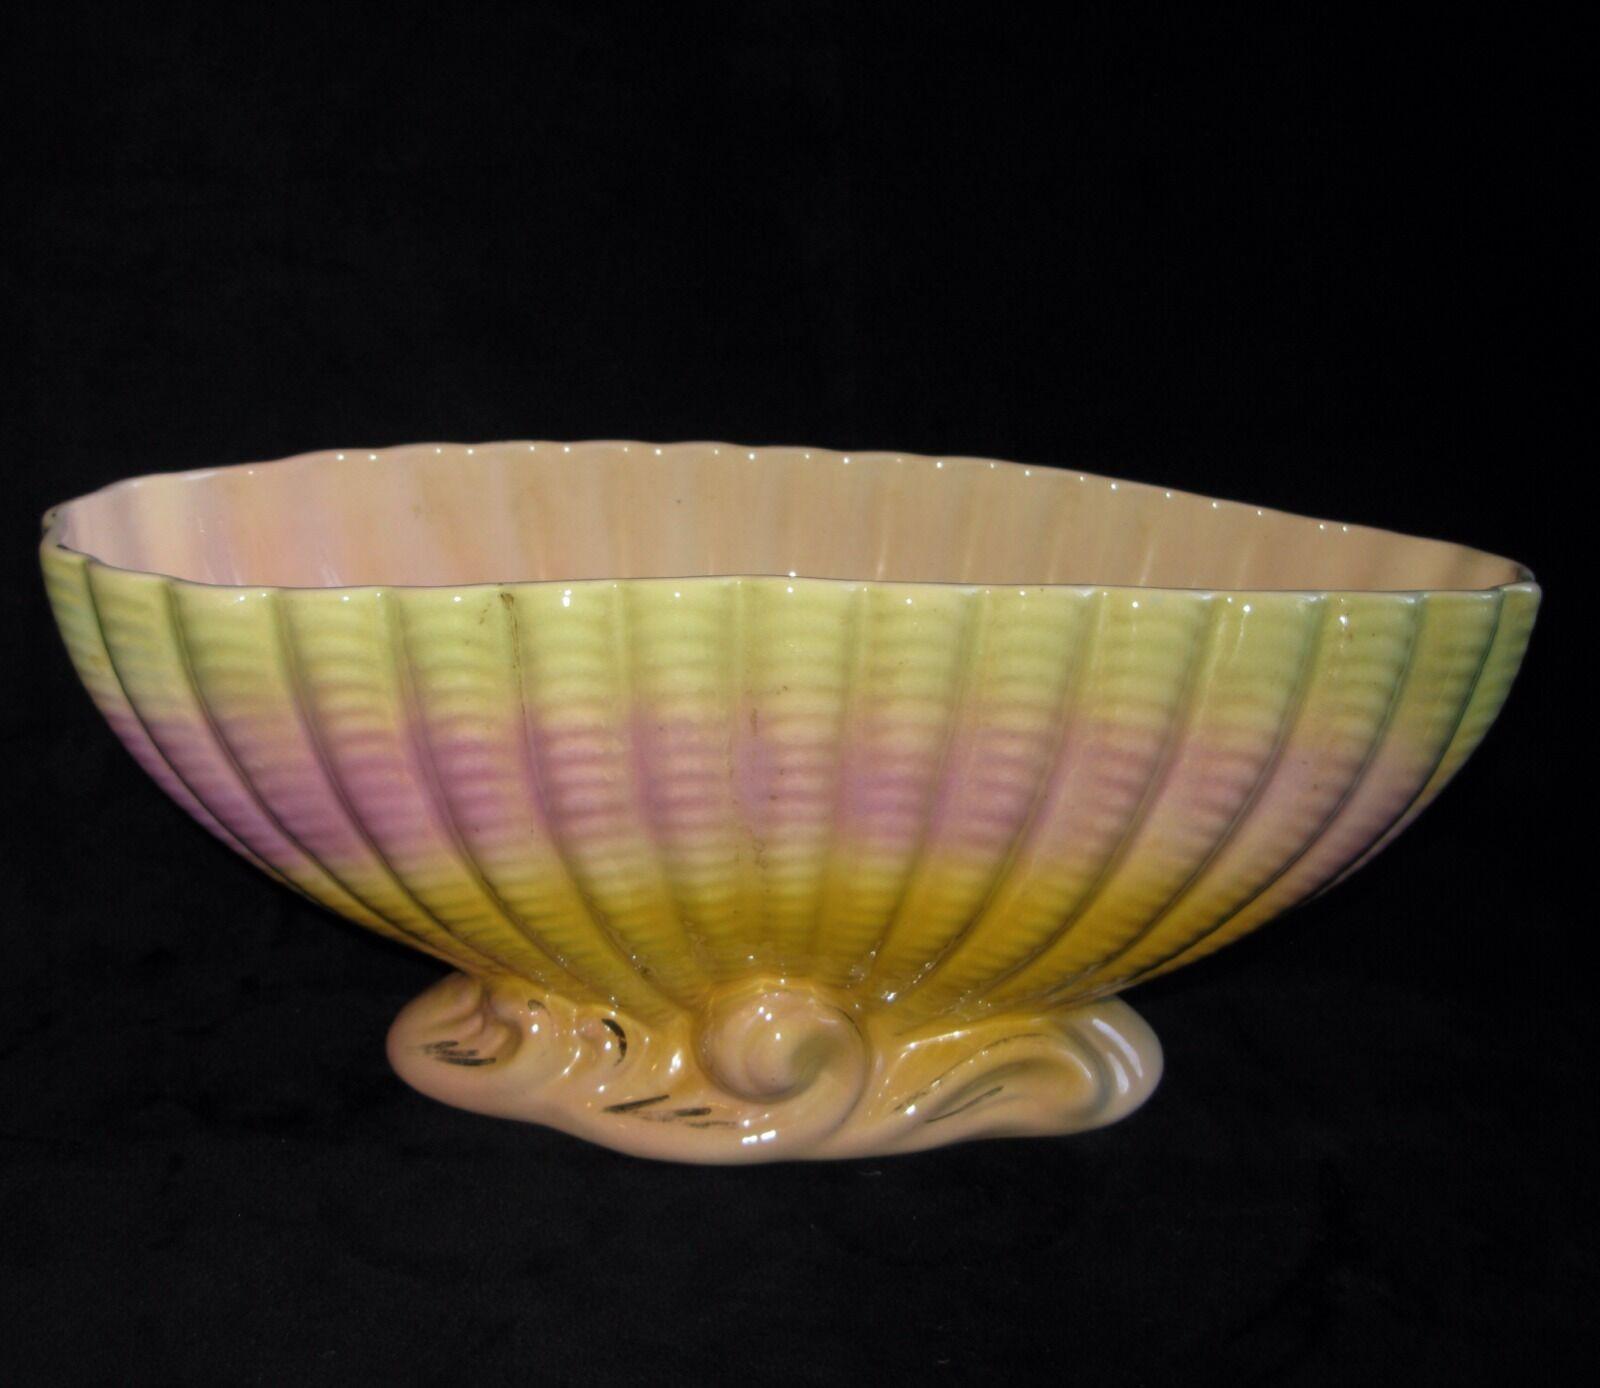 large vintage australian lustre pottery vase marked v 103 aud picclick au. Black Bedroom Furniture Sets. Home Design Ideas